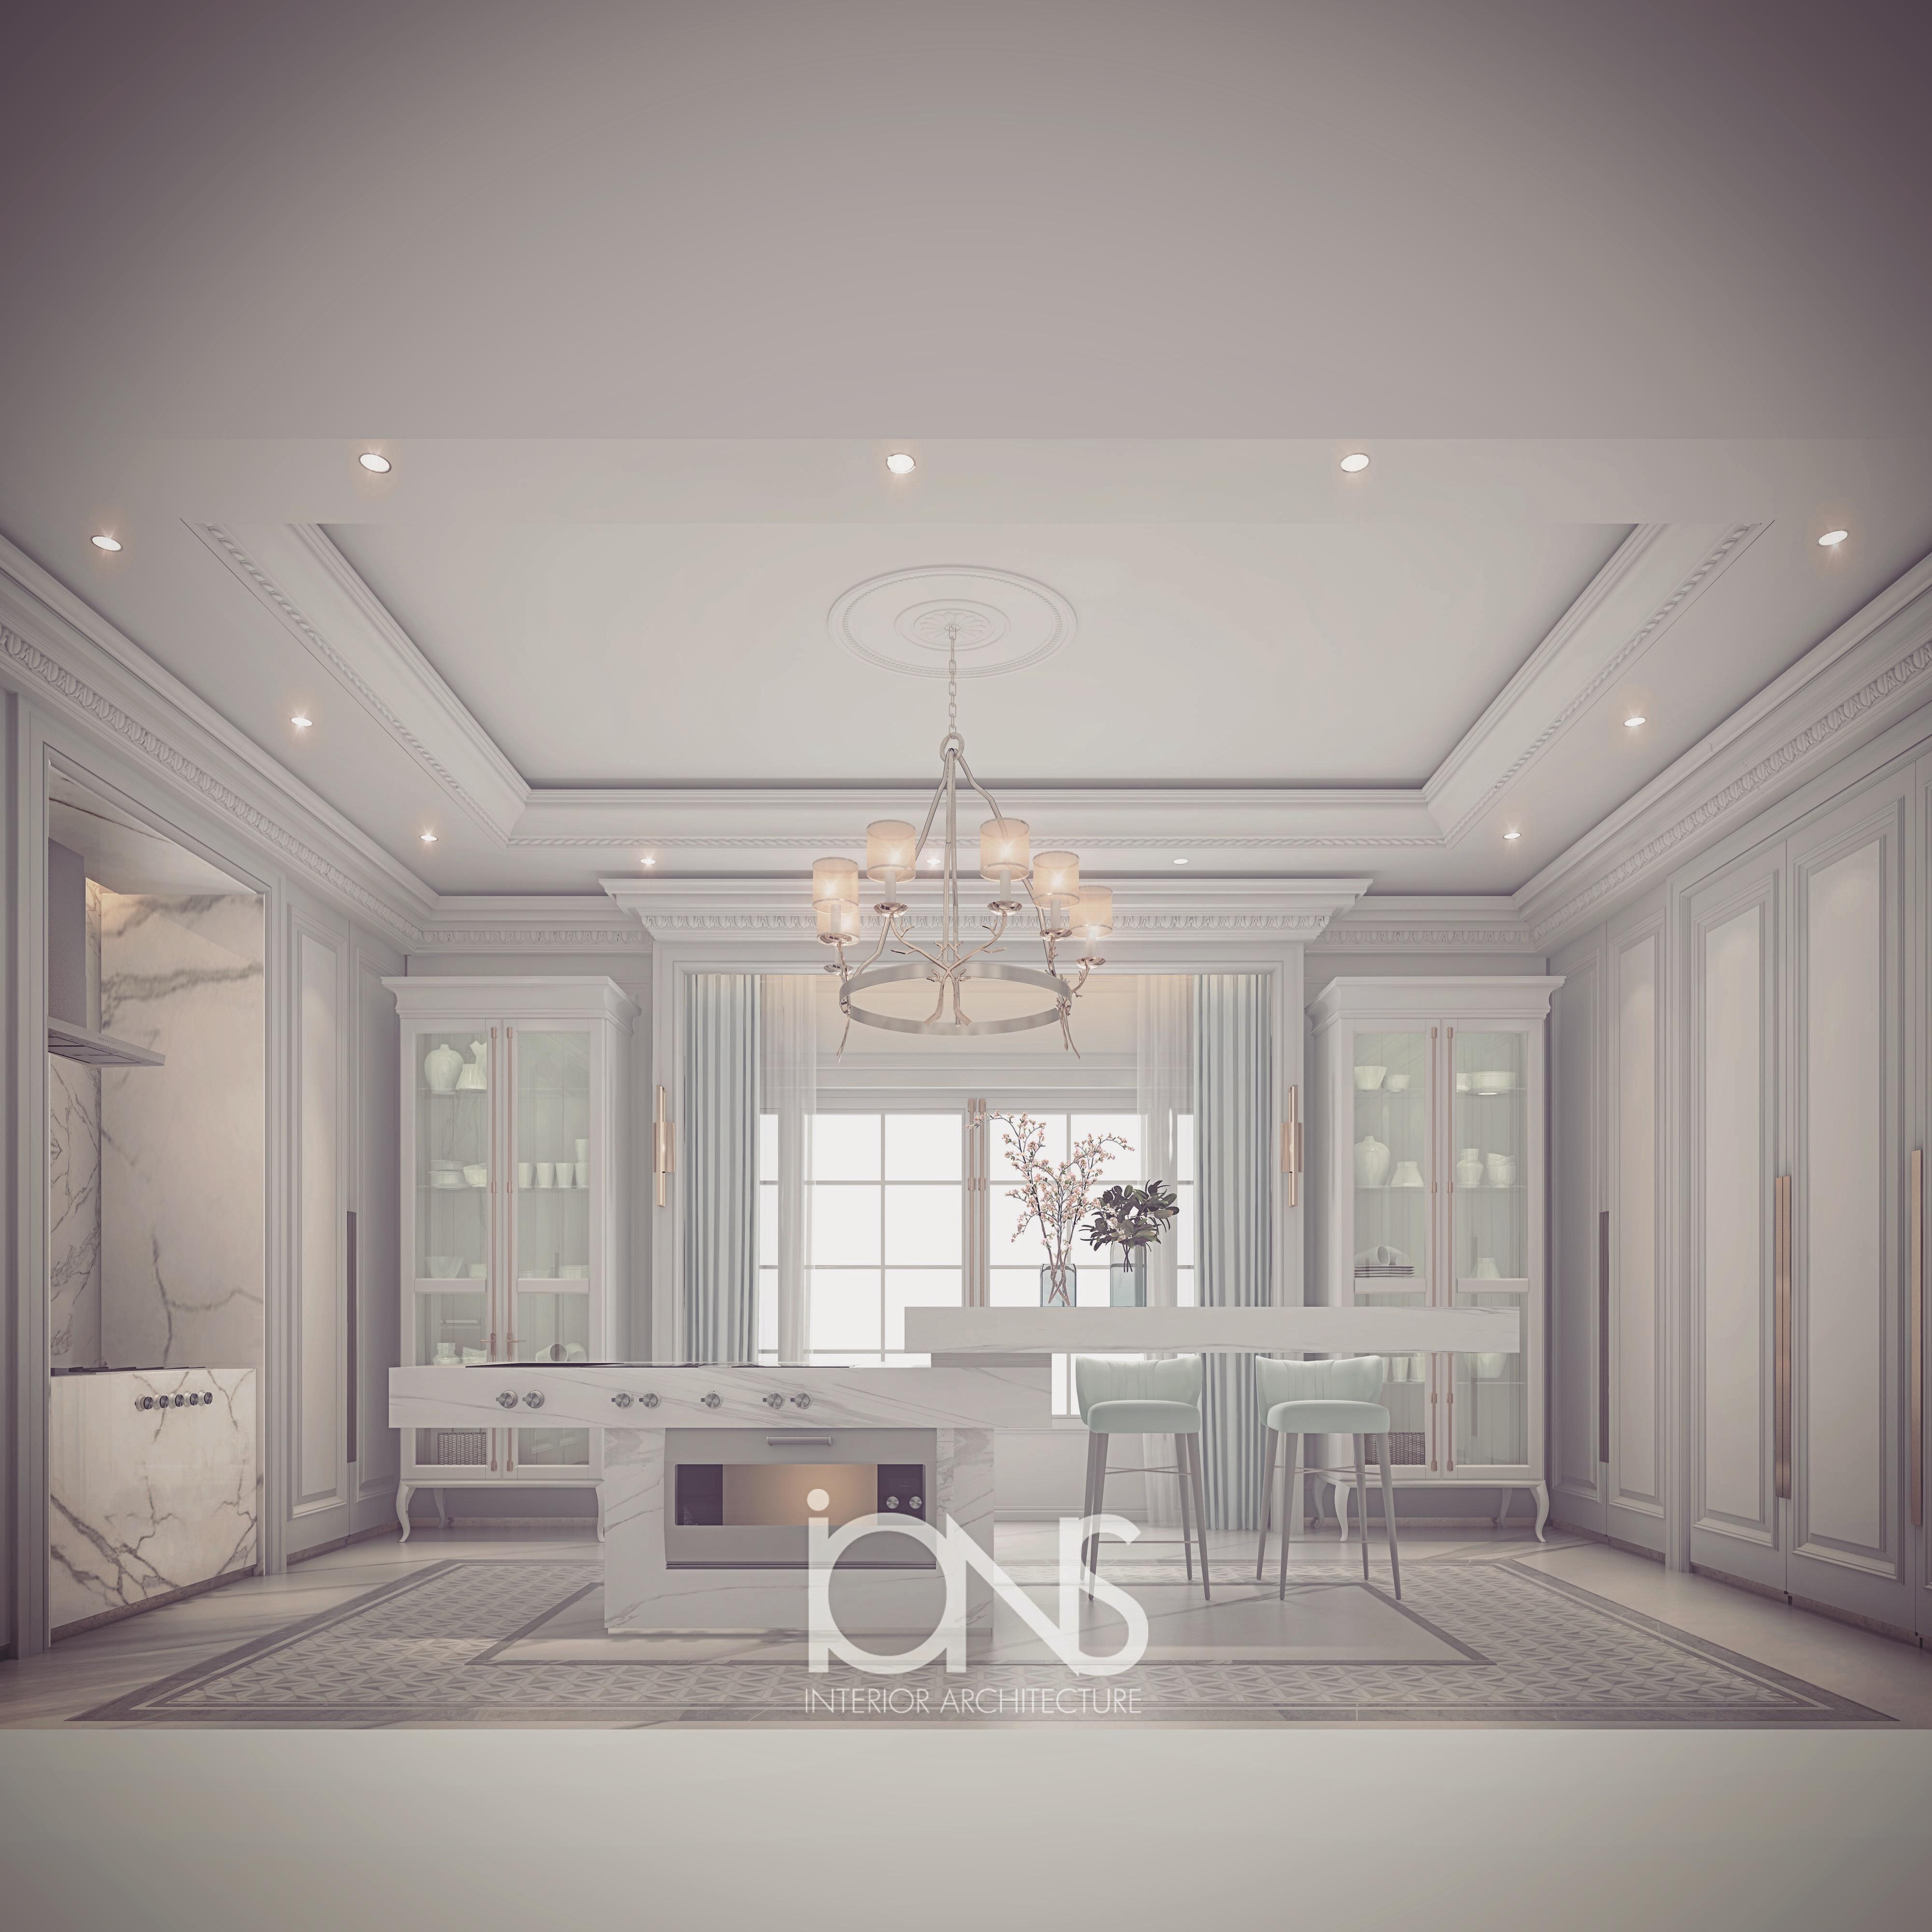 Kitchen Interior -  Villa Design